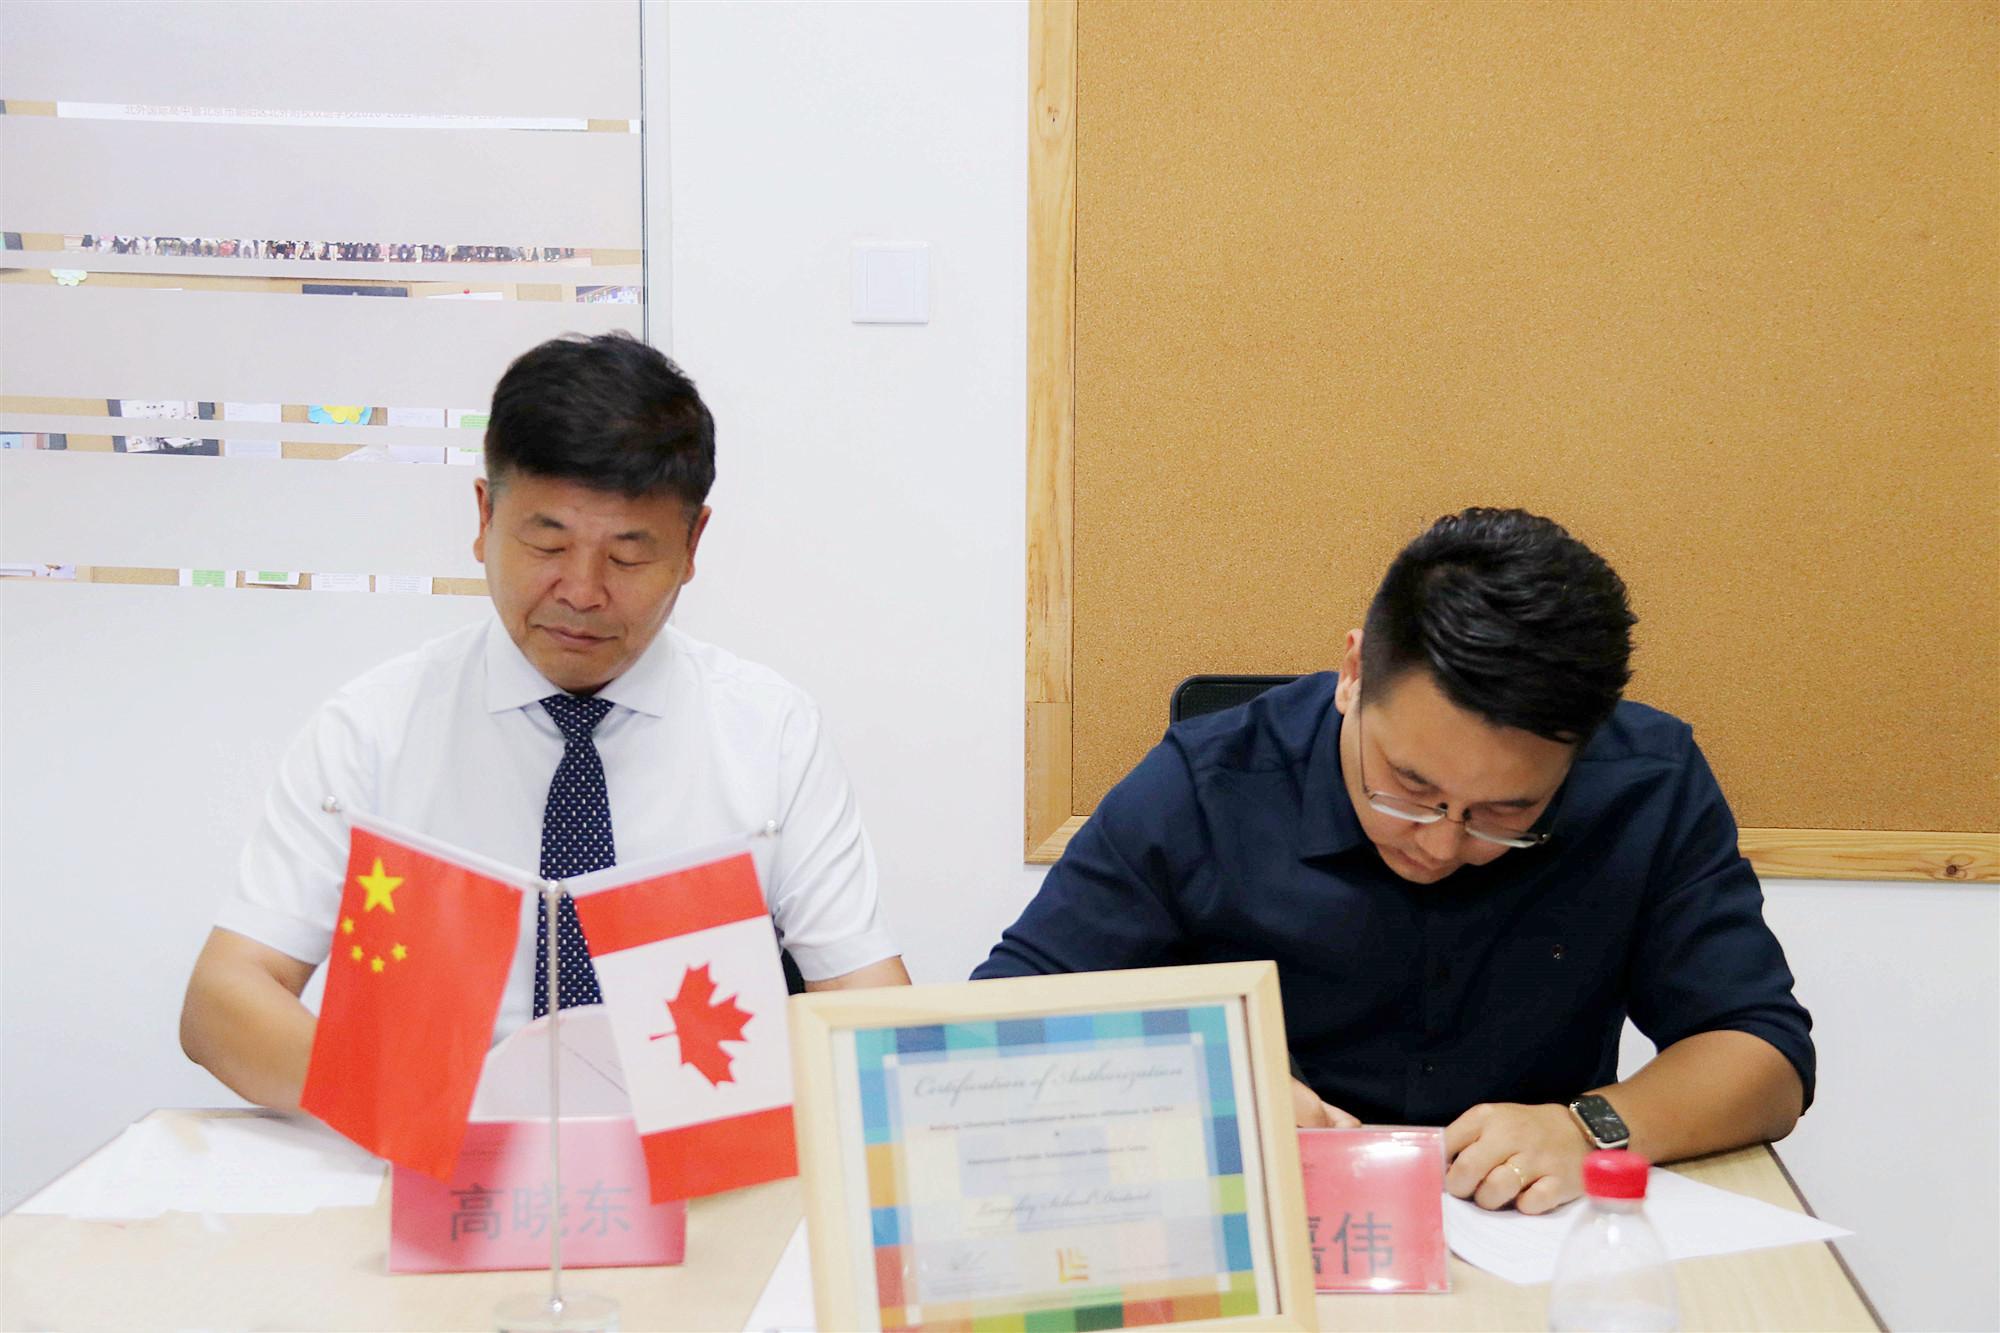 国际合作 | 北外附校双语学校与加拿大兰里公立教育局举行战略合作云签约仪式